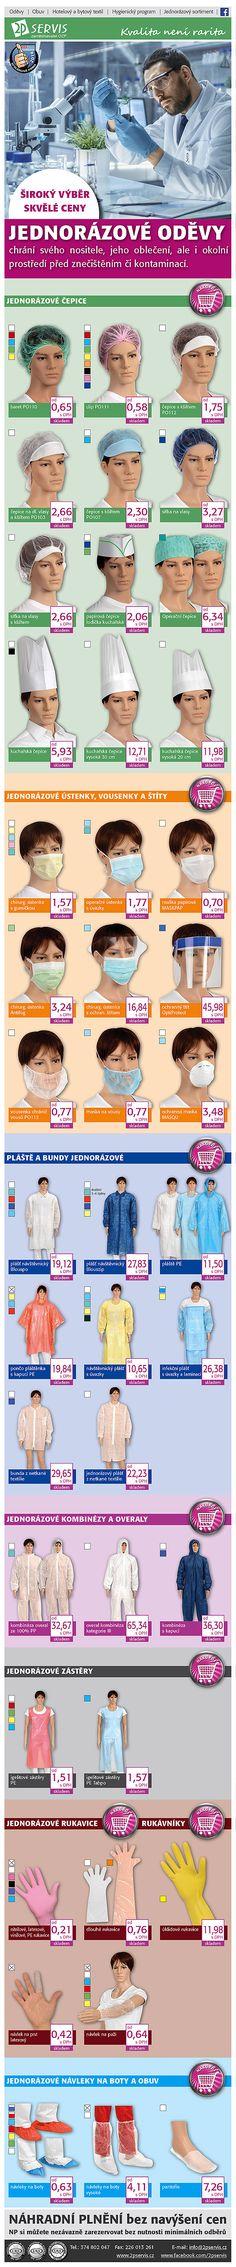 🍀 ★ ★ V práci i doma využijete naše Jednorázové oděvy - Nejširší nabídka ★ ★ 🍀  🔴 --------- Prosíme o sdílení, děkujeme --------- 🔴 Shopping